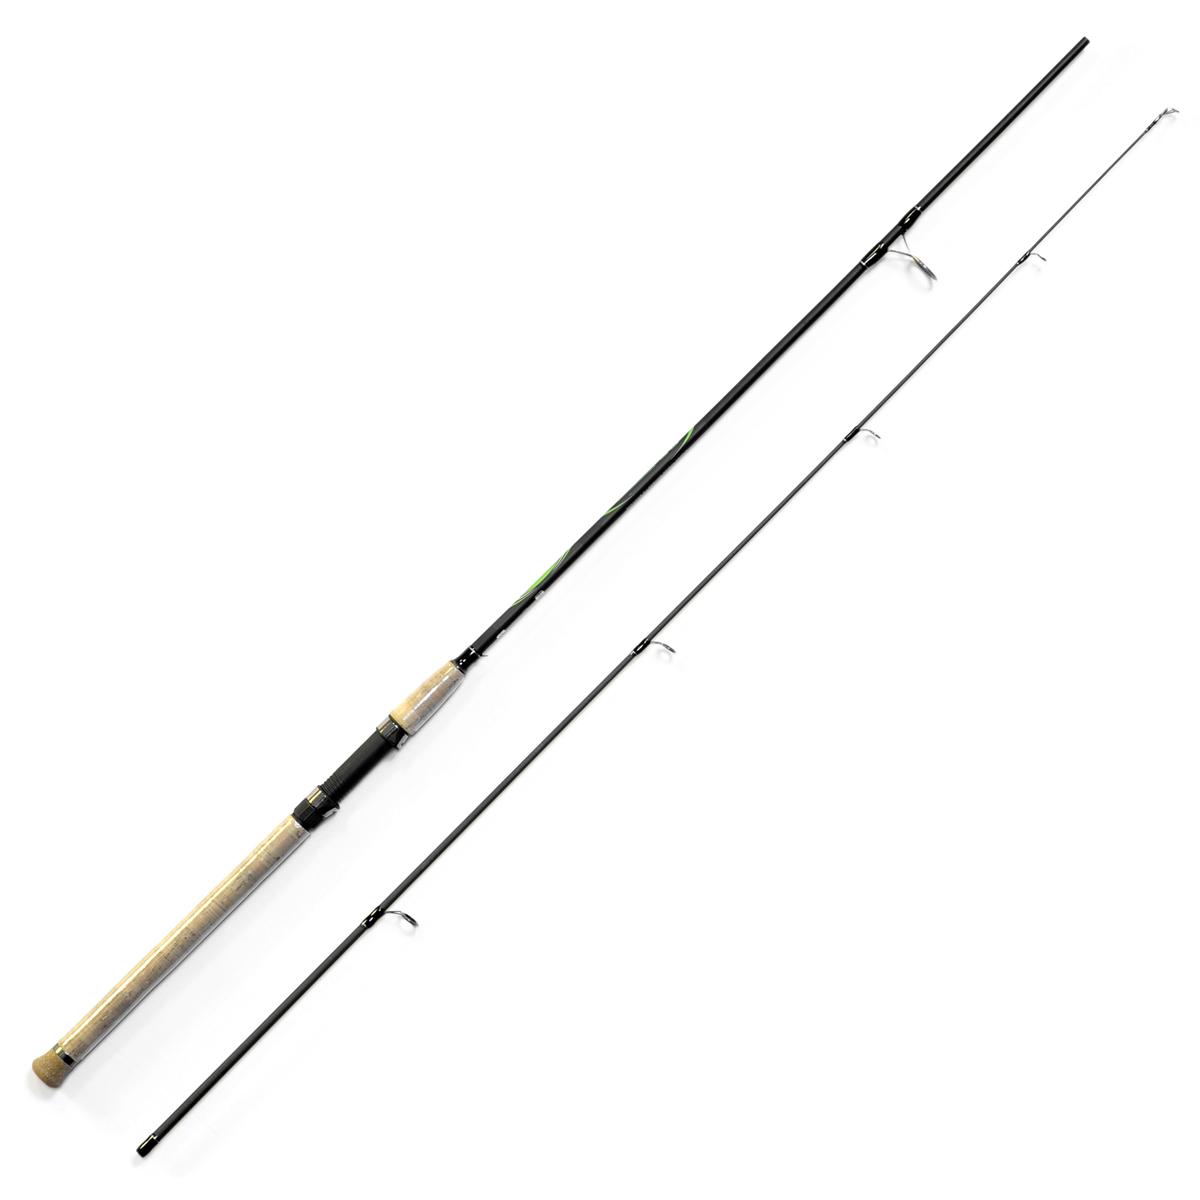 Спиннинг Salmo Sniper SPIN 30 2.70, длина 2,7м, 10-30гPGPS7797CIS08GBNVУниверсальный спиннинг средне-быстрого строя для ловли на различные приманки, изготовленный из композита. Бланк спиннинга укомплектован облегченными кольцами на высоких ножках со вставками SIC и элегантной рукояткой с пробковым покрытием и облегченным буфером на торце. Соединение колен спиннинга по типу OVER STEEK. Все спиннинги имеют одинаковый тест 10-30 г.- Материал бланка удилища – композит- Строй бланка средне-быстрый- Класс спиннинга M- Конструкция штекерная- Соединение колен типа OVER STEEK- Кольца пропускные:– облегченные большие– со вставками SIC– с расстановкой по классической концепции- Рукоятка:– пробковая- Катушкодержатель:– винтового типа- Проволочная петля для закрепления приманок